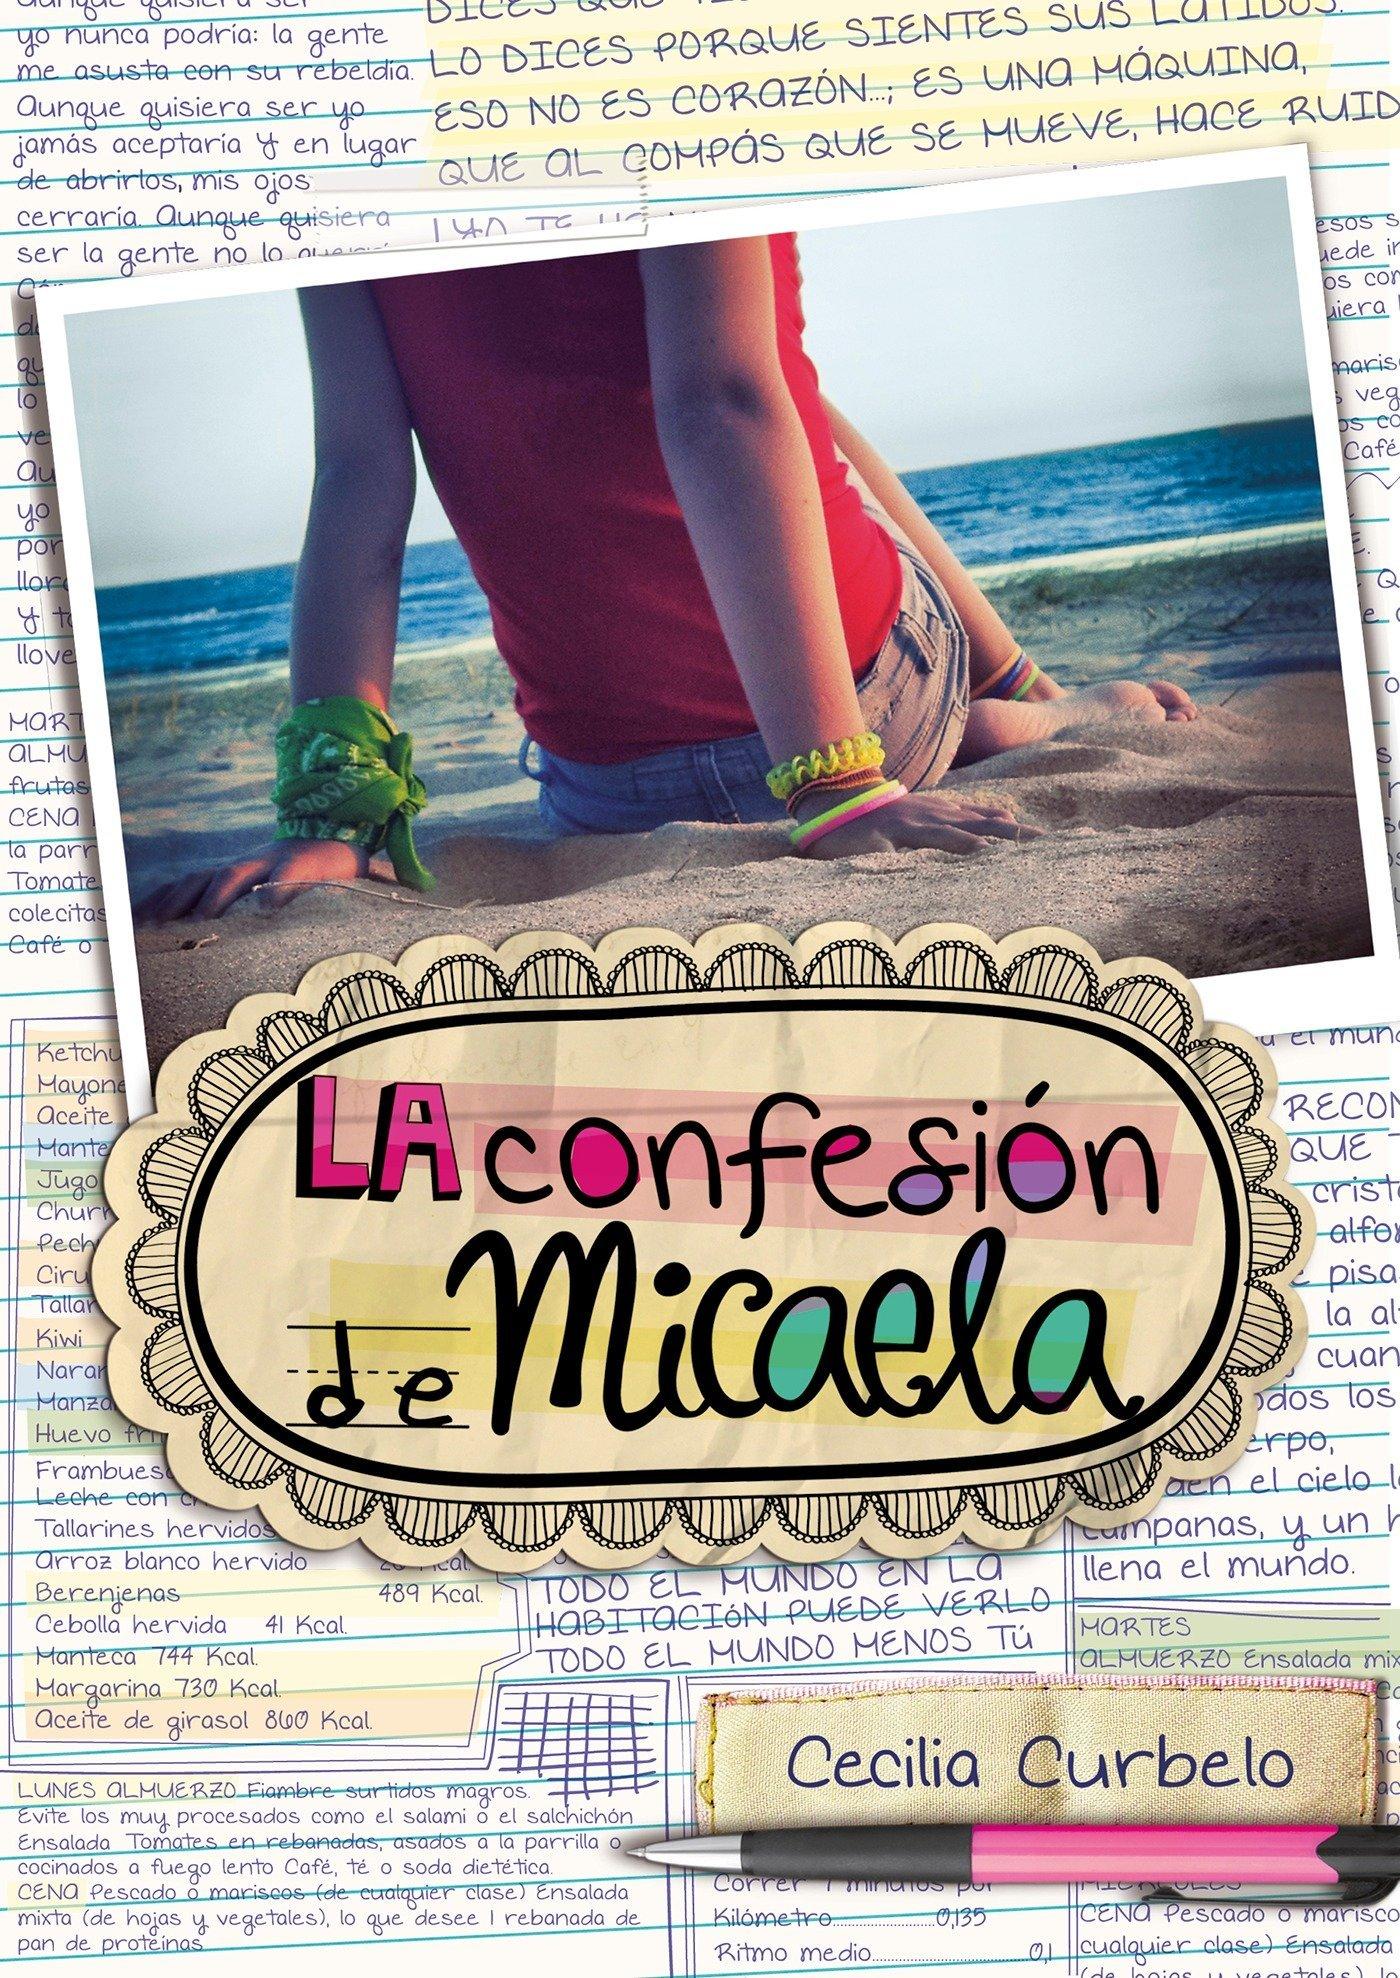 La confesión de Micaela / Micaelas Decision (Spanish Edition): Cecilia Curbelo: 9786073146913: Amazon.com: Books